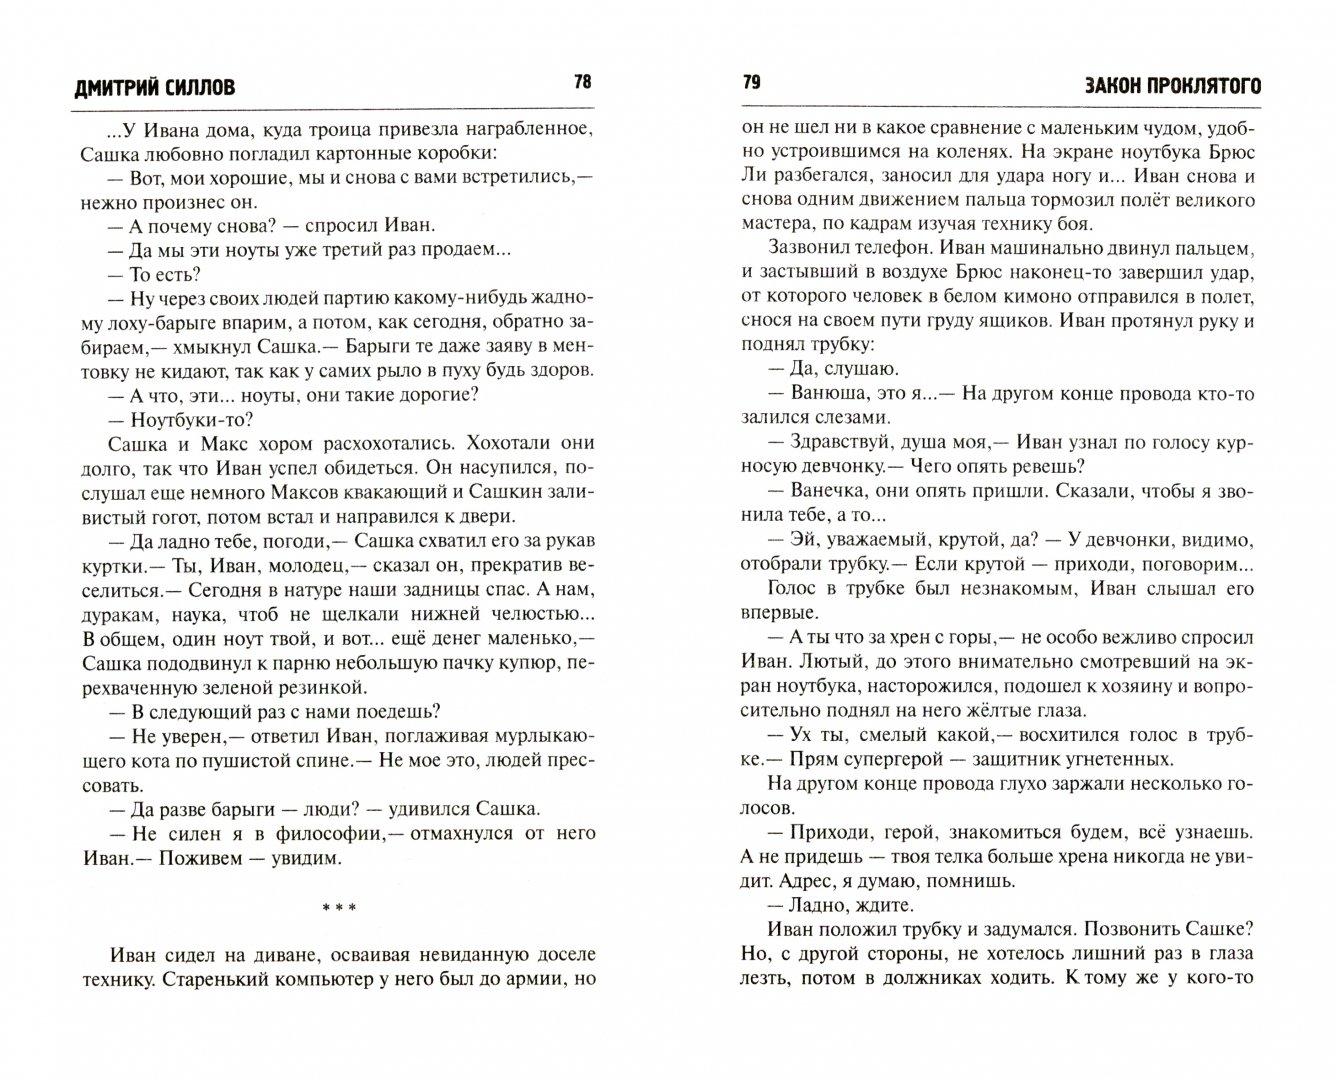 Иллюстрация 1 из 7 для Закон проклятого - Дмитрий Силлов   Лабиринт - книги. Источник: Лабиринт